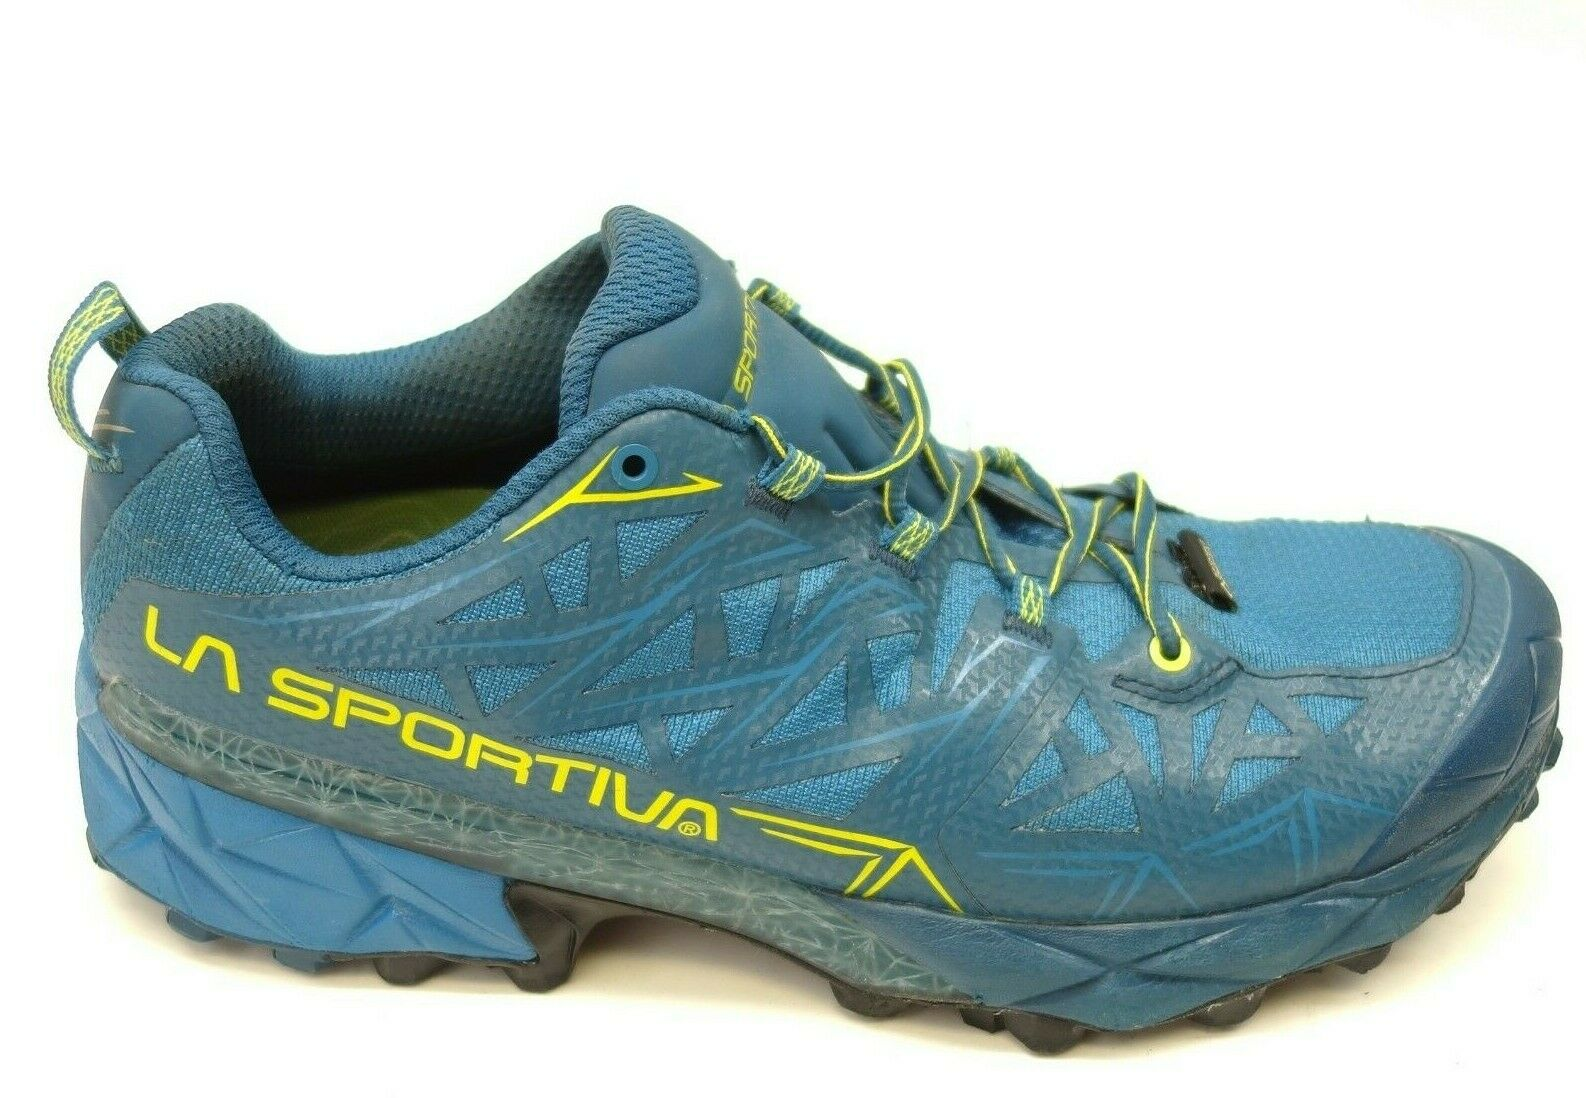 La Sportiva Akyra Us 9.5 Ue 42,5 Course Athlétique Marche Randonnée